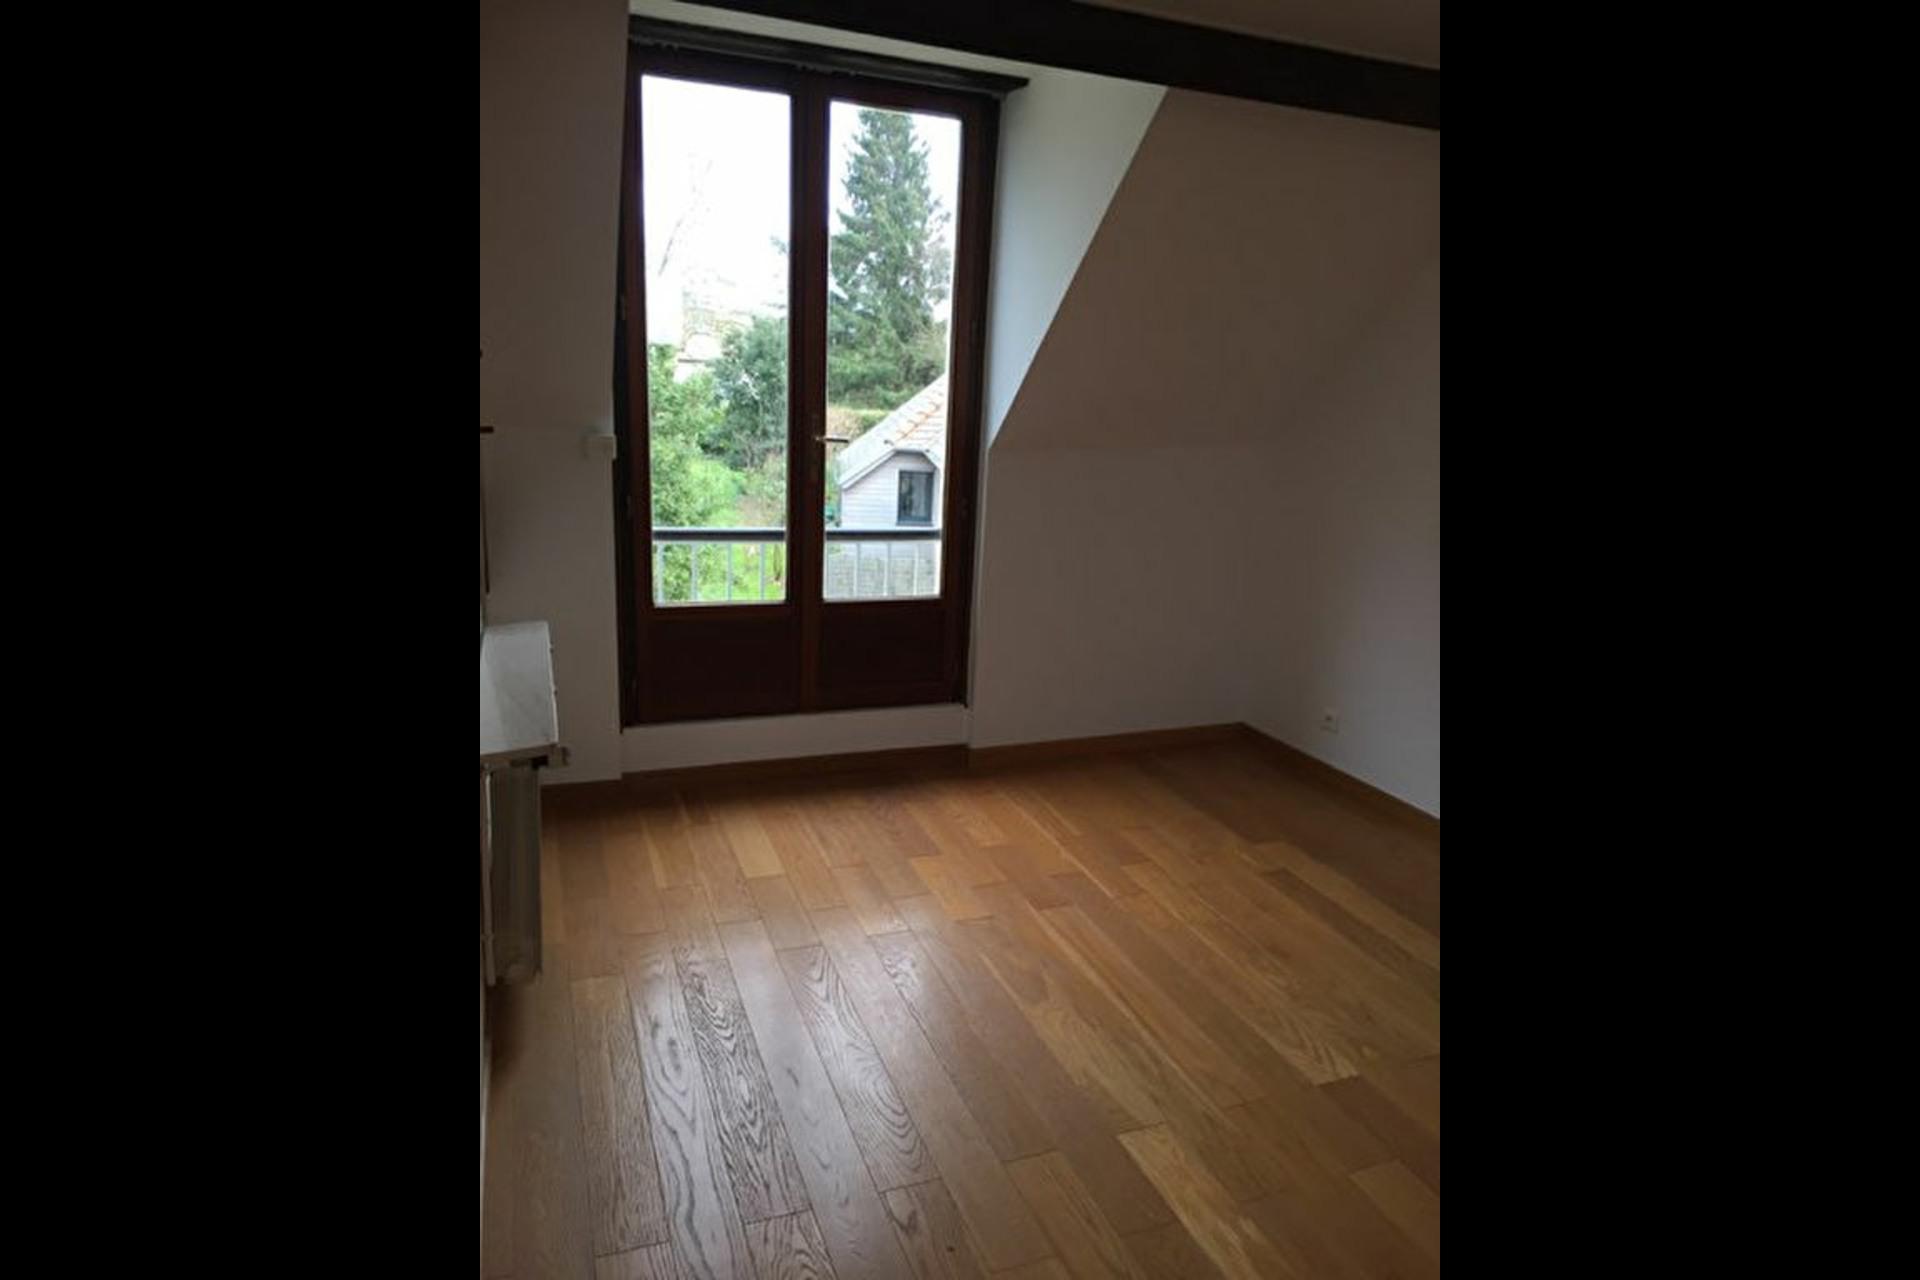 image 9 - Townhouse For rent saint nom la breteche - 5 rooms